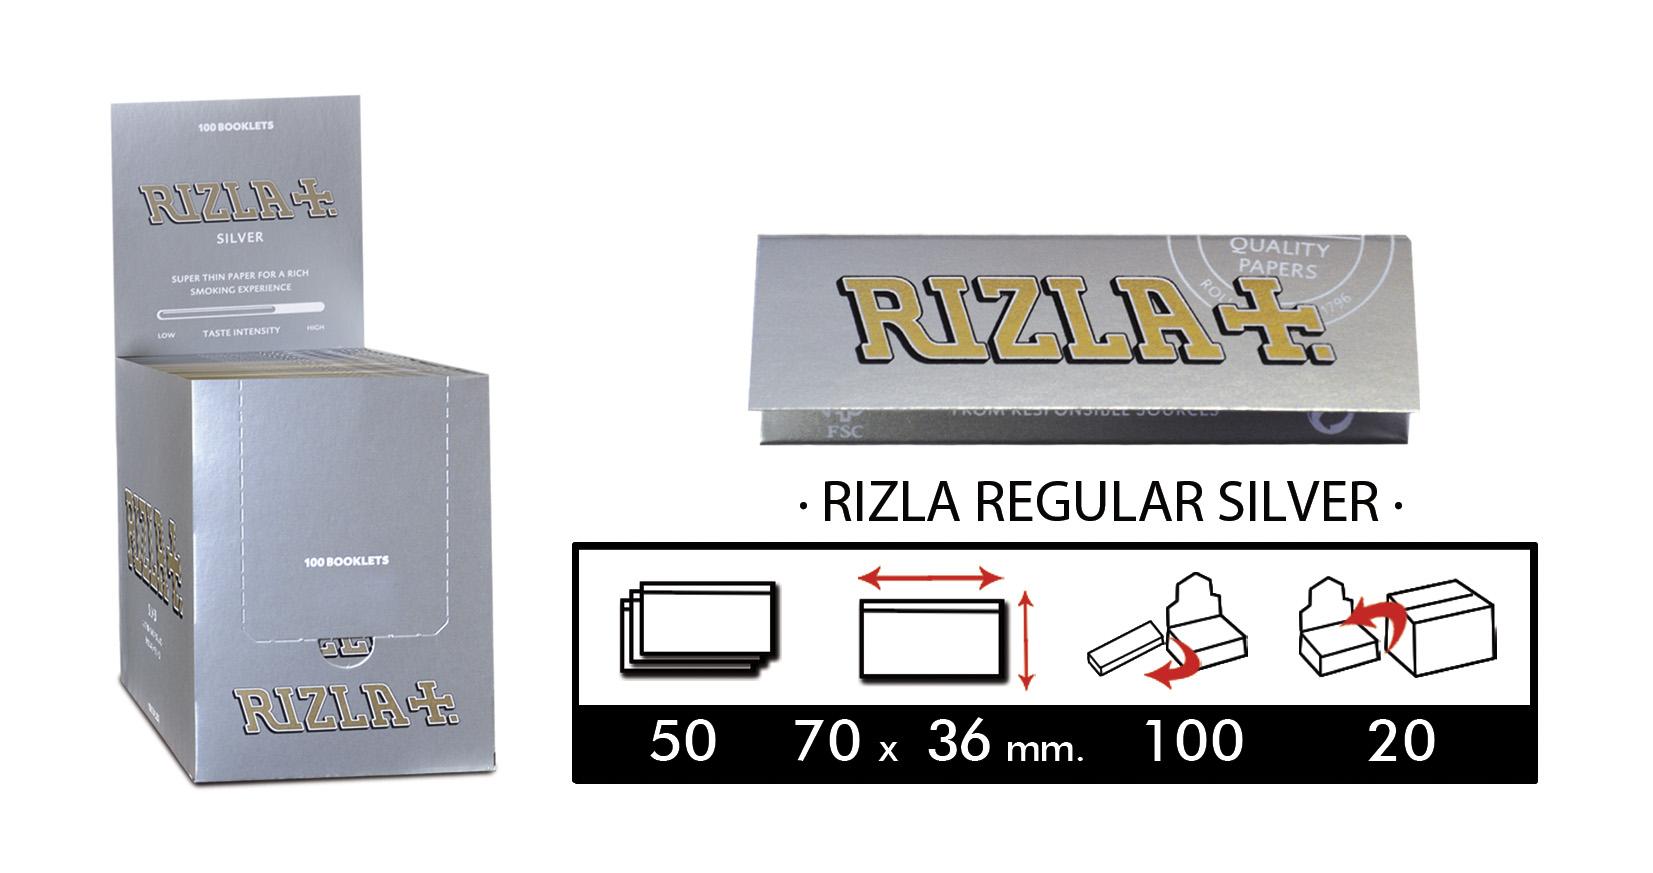 EXP 100 RIZLA SILVER 70mm